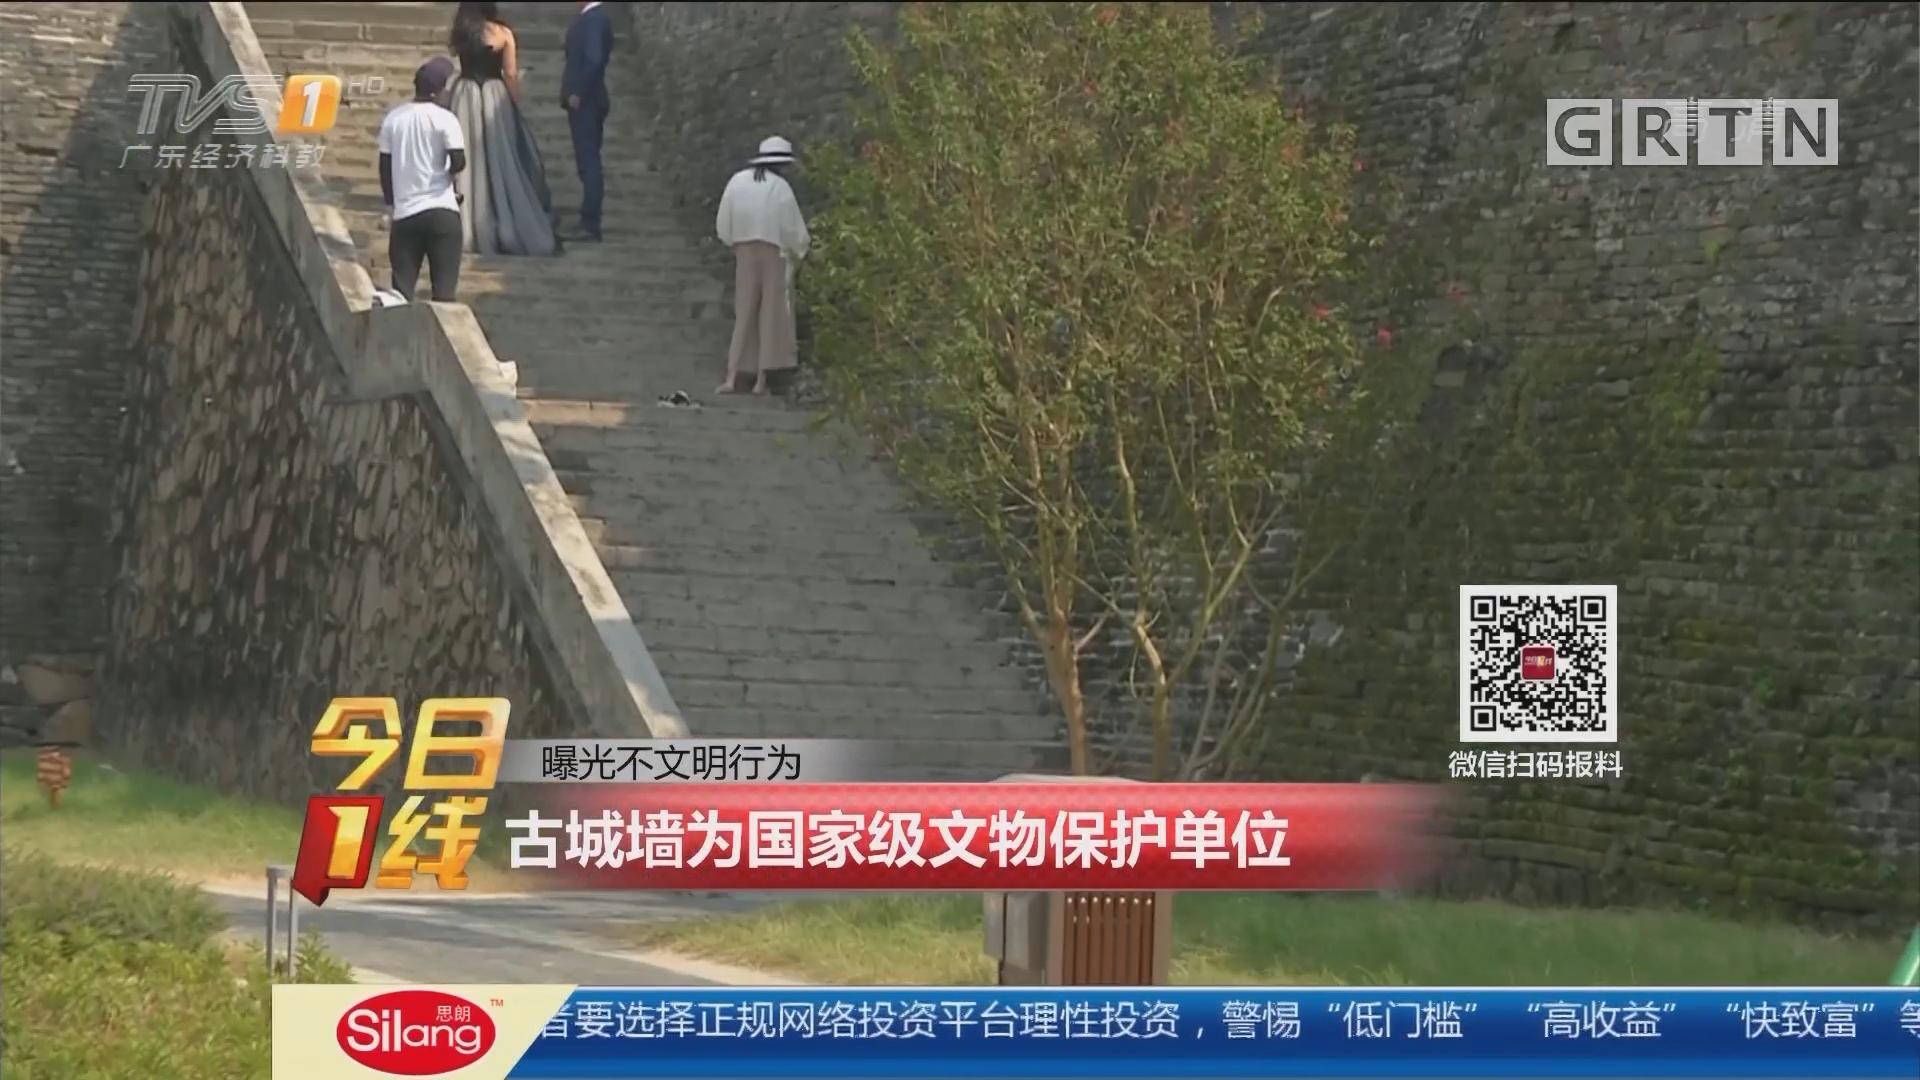 曝光不文明行为:男子夜袭肇庆古城墙 网上炫耀